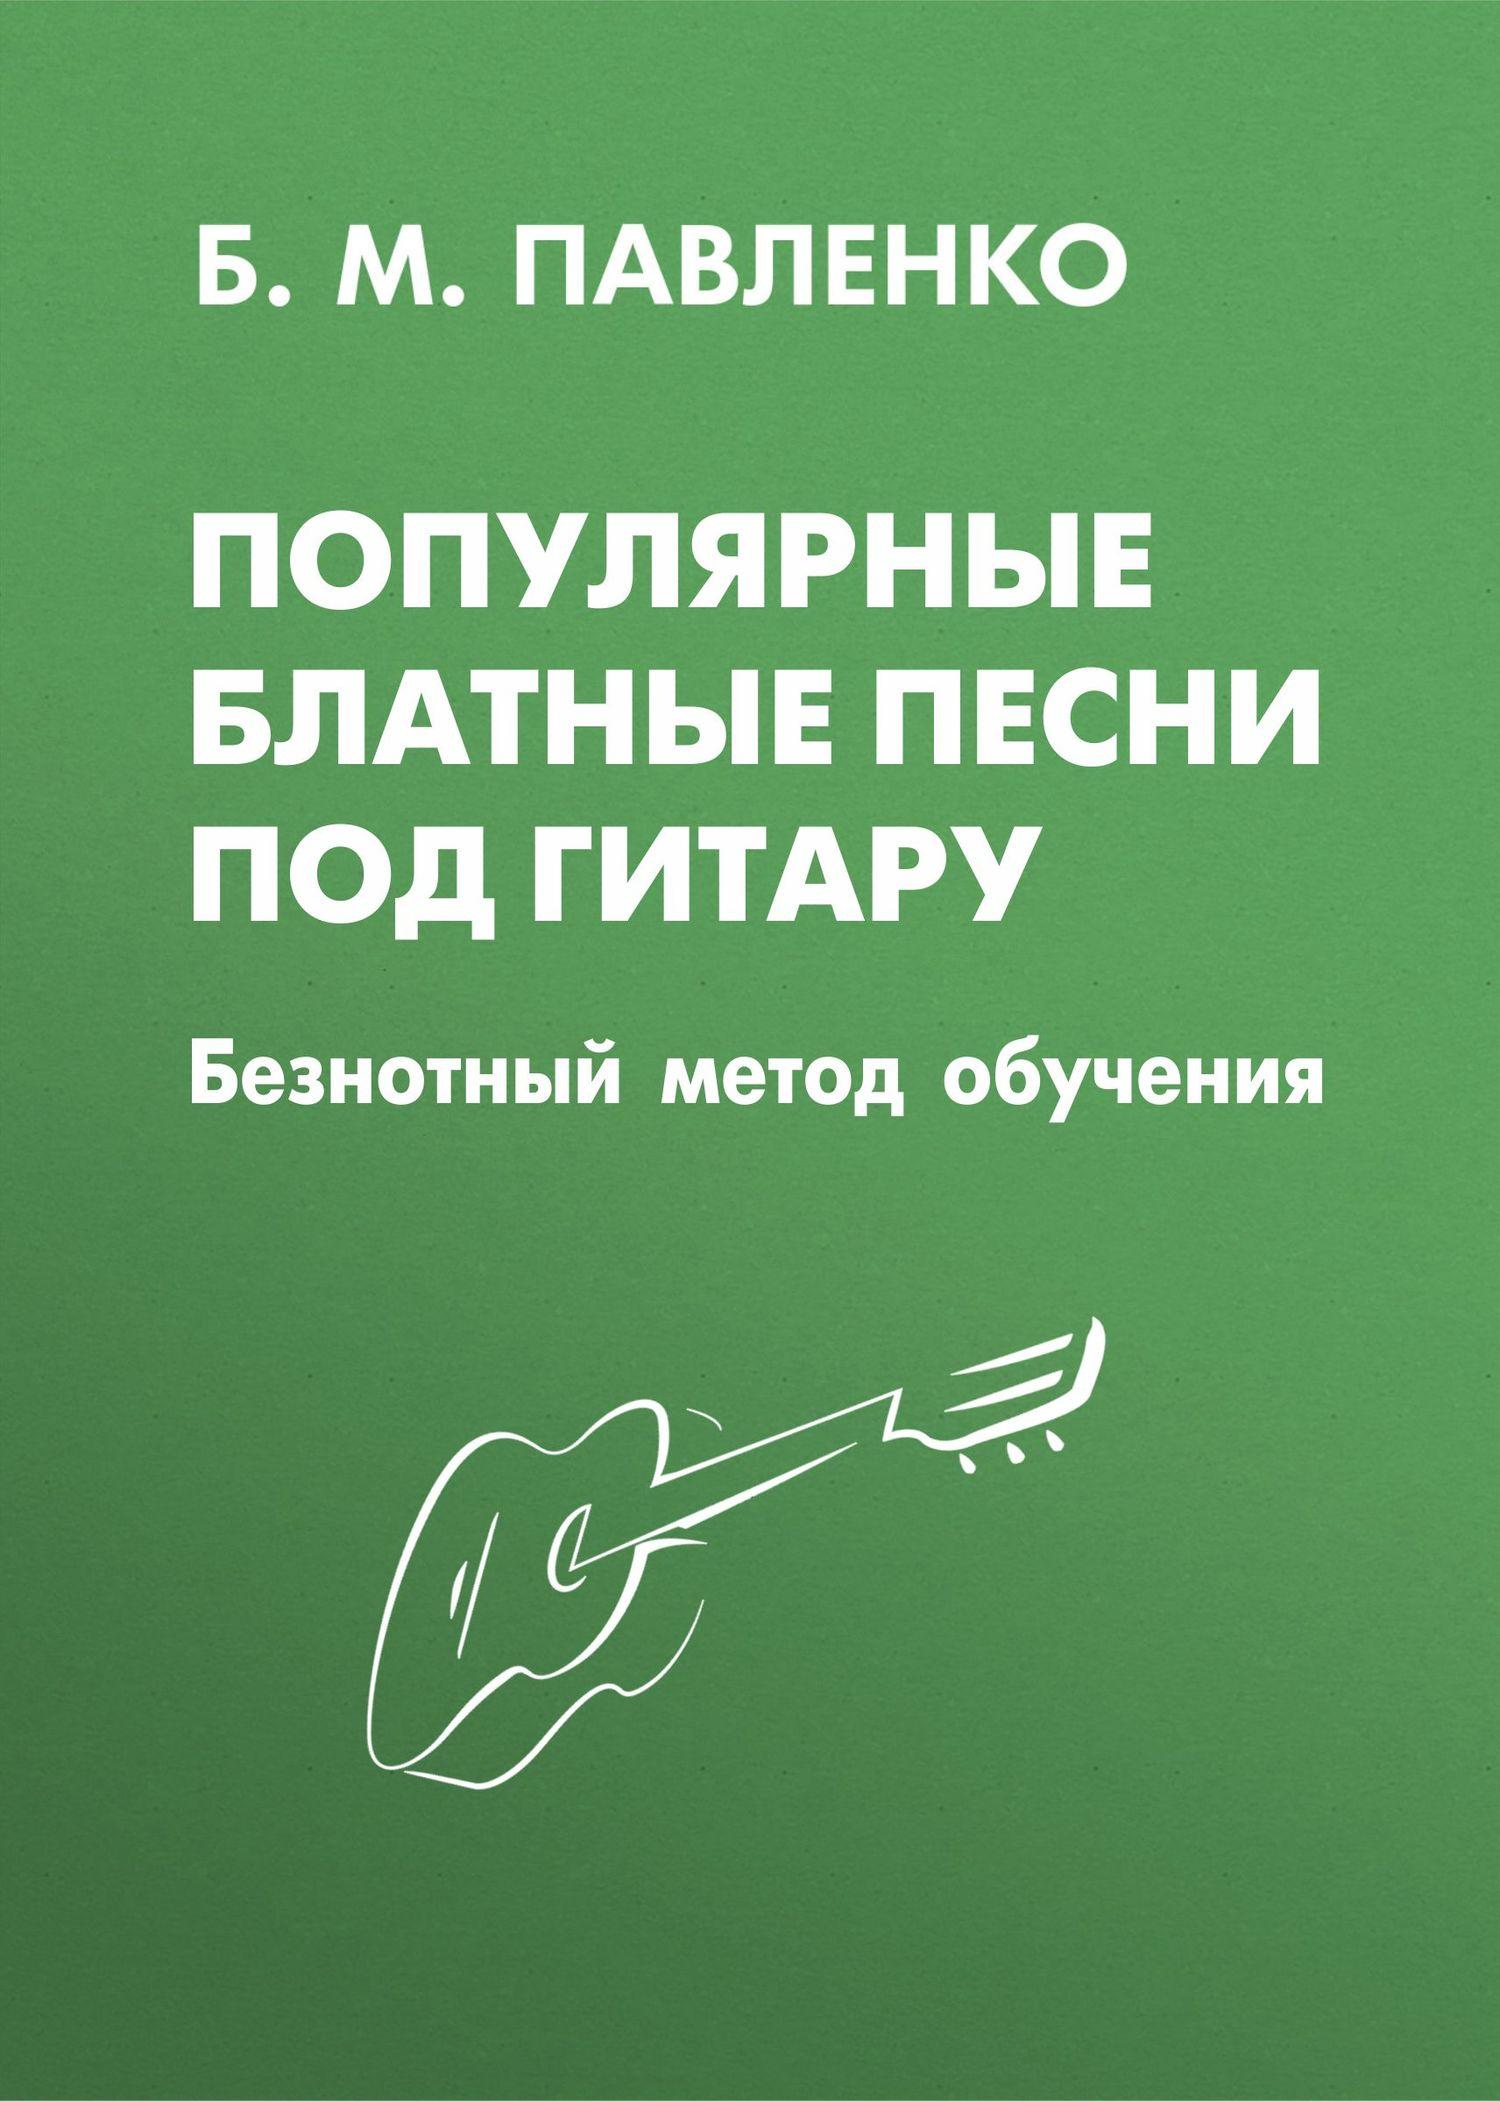 Б. М. Павленко Популярные блатные песни под гитару. Безнотный метод обучения популярные песни из кинофильмов под гитару